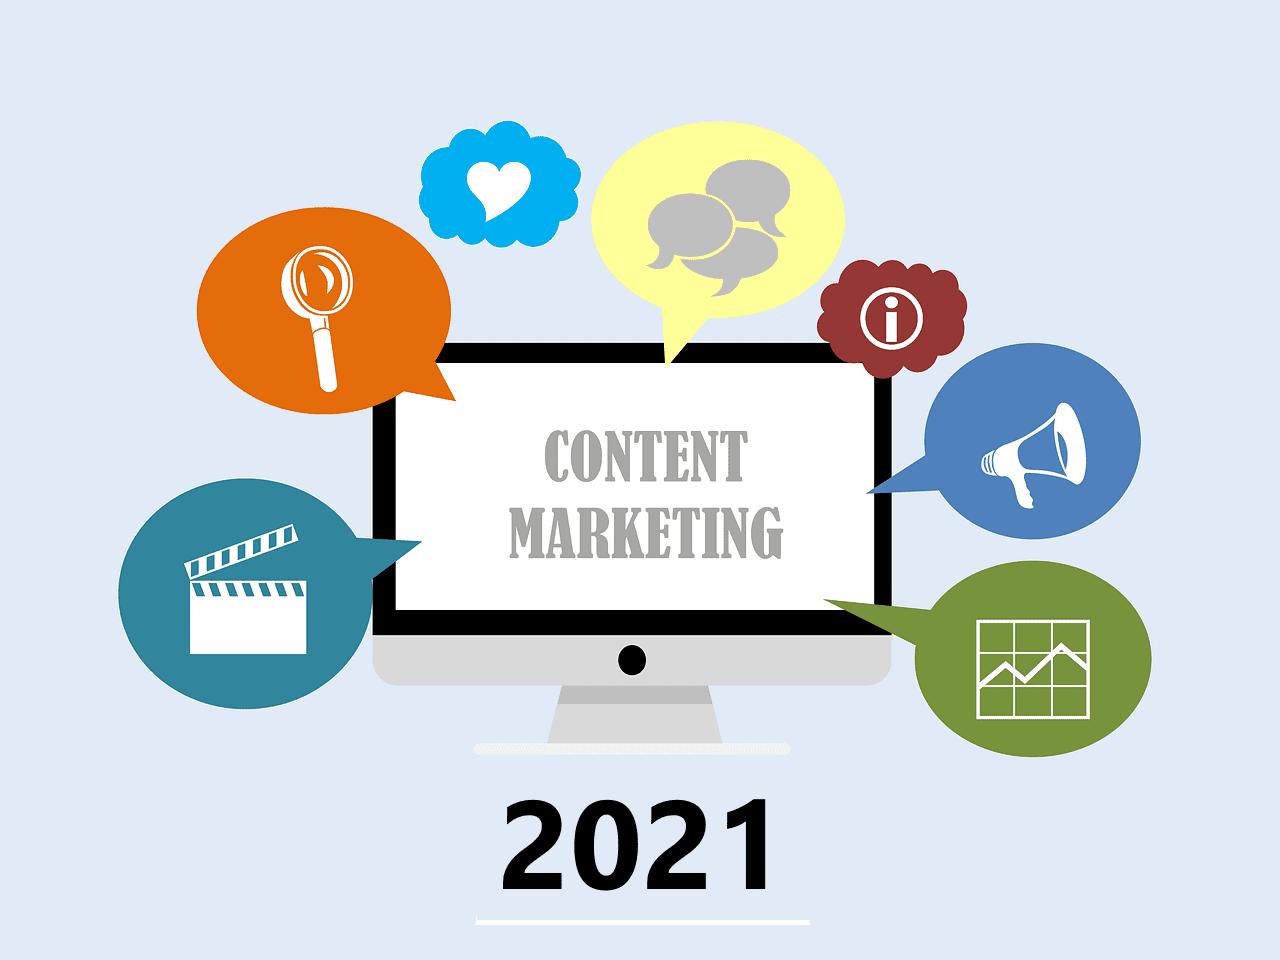 بازاریابی محتوا در سال 2021